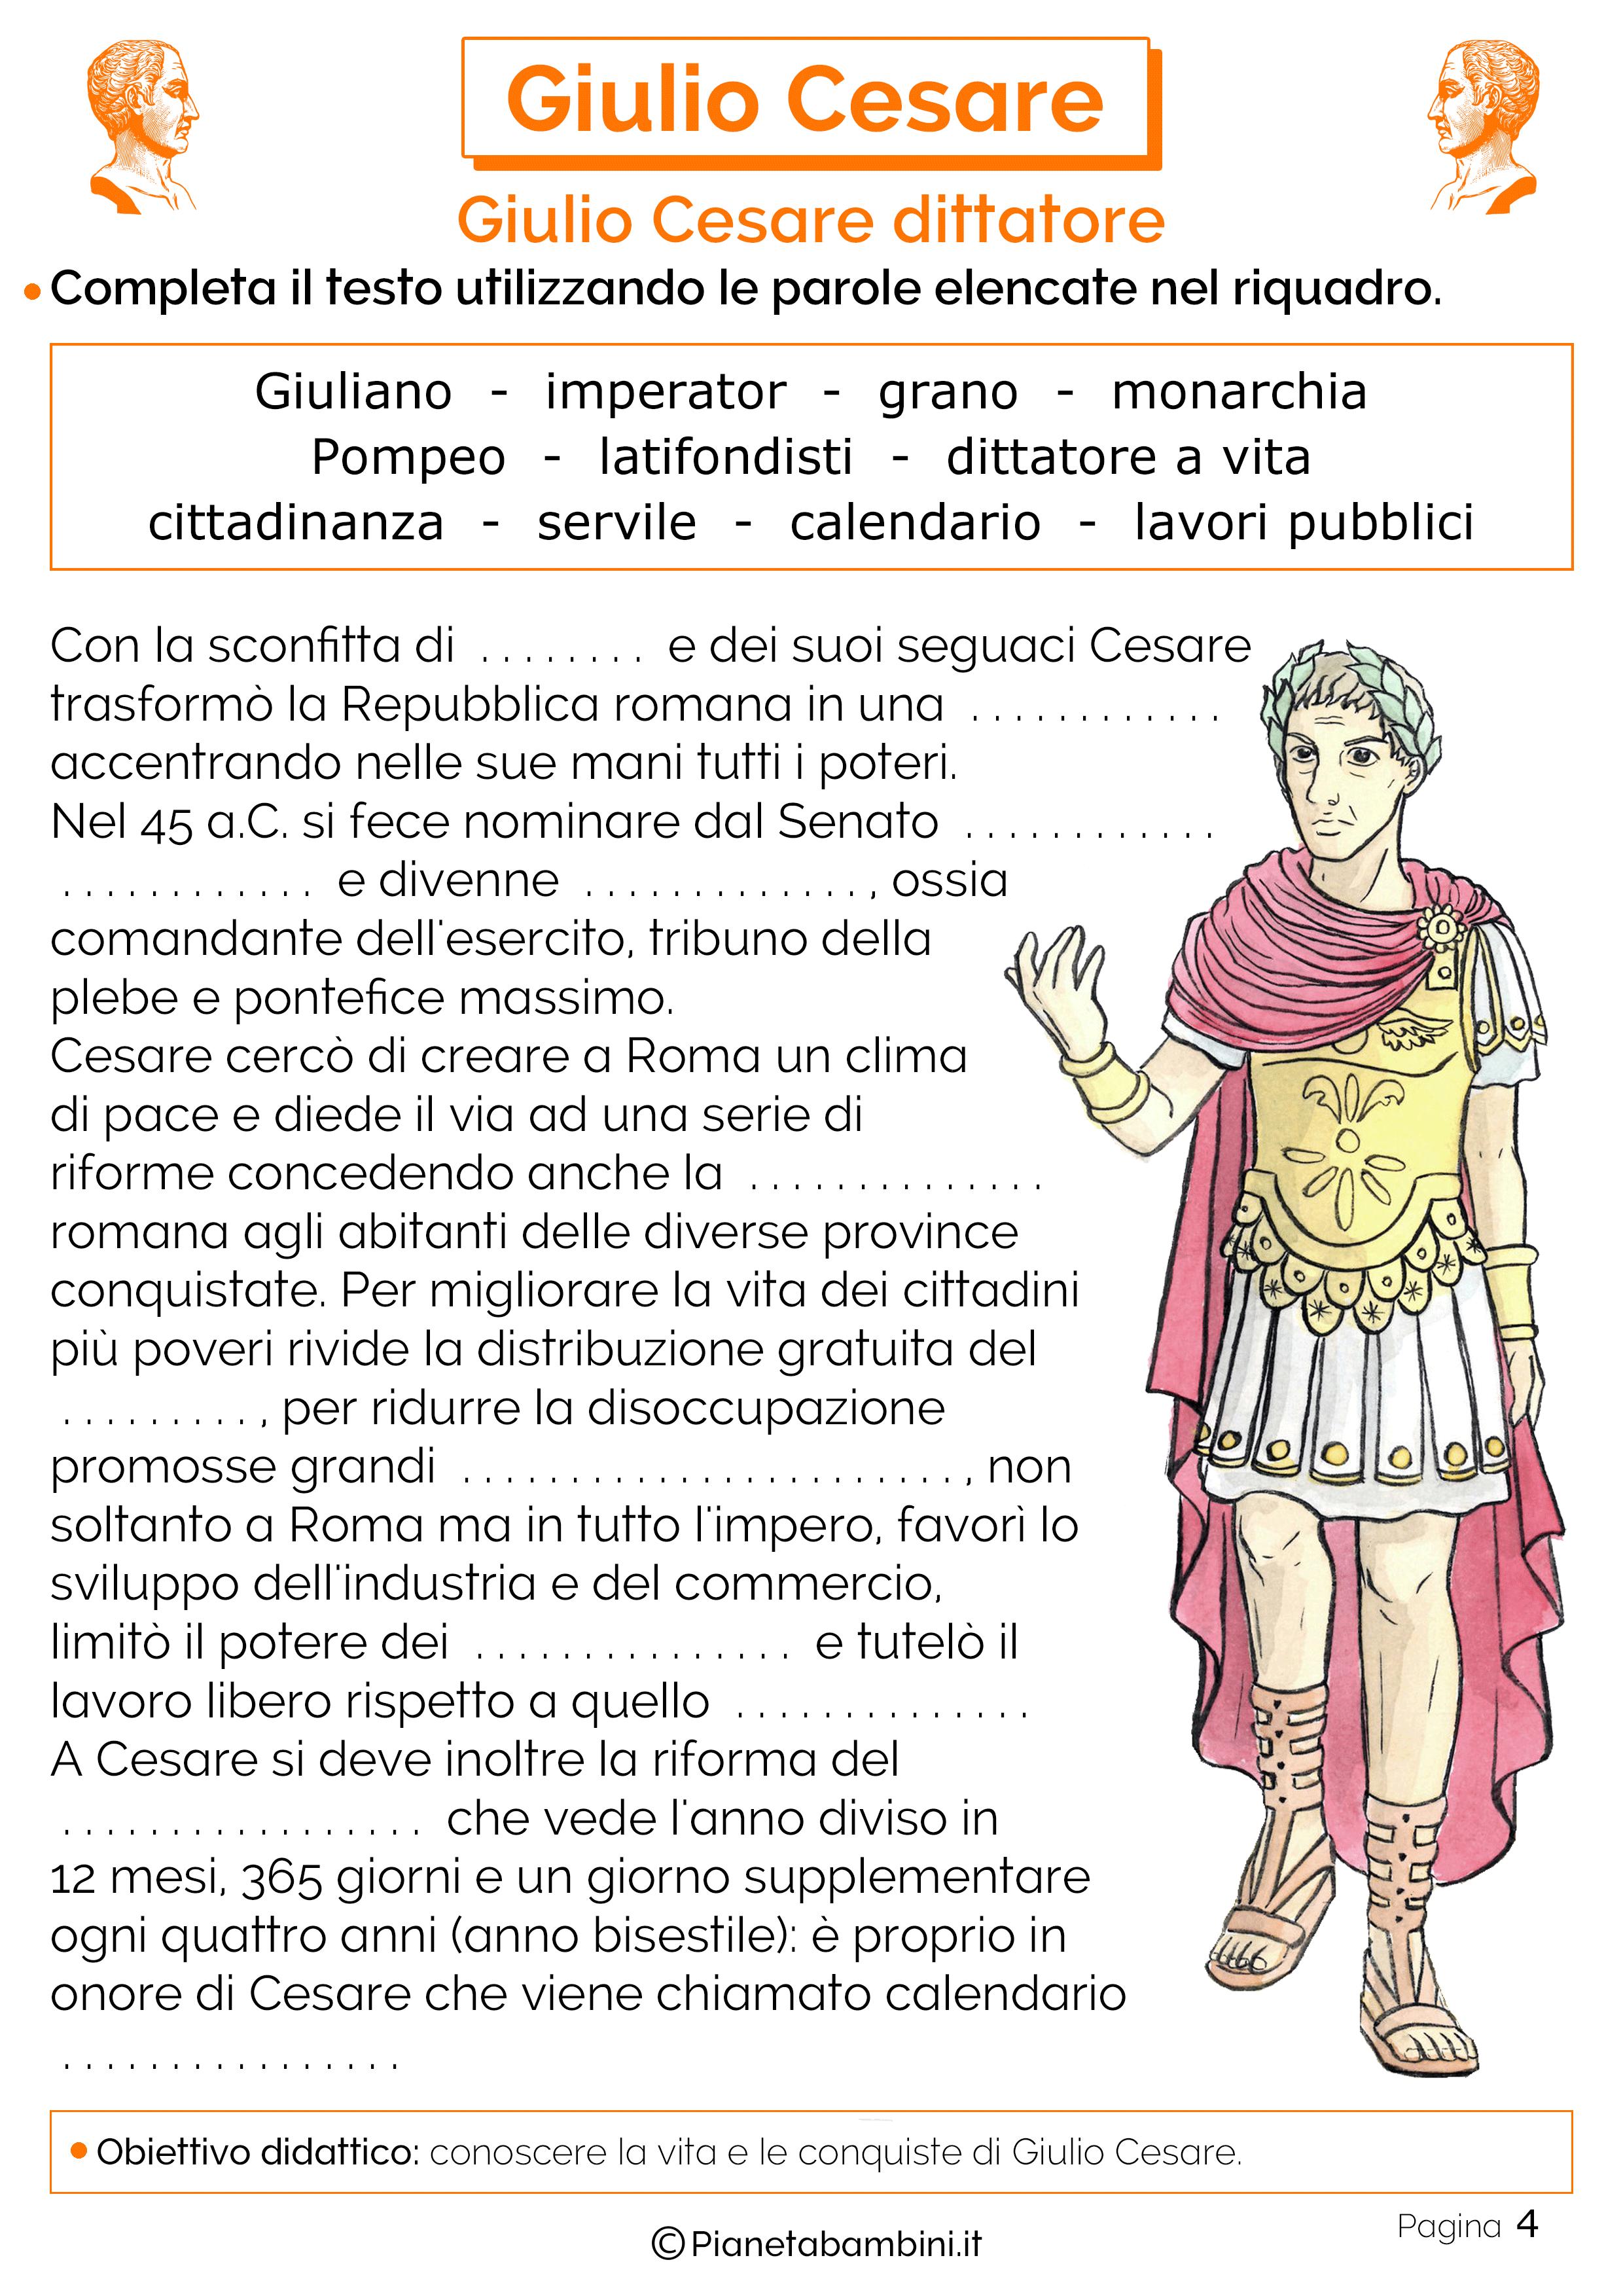 La dittatura di Giulio Cesare